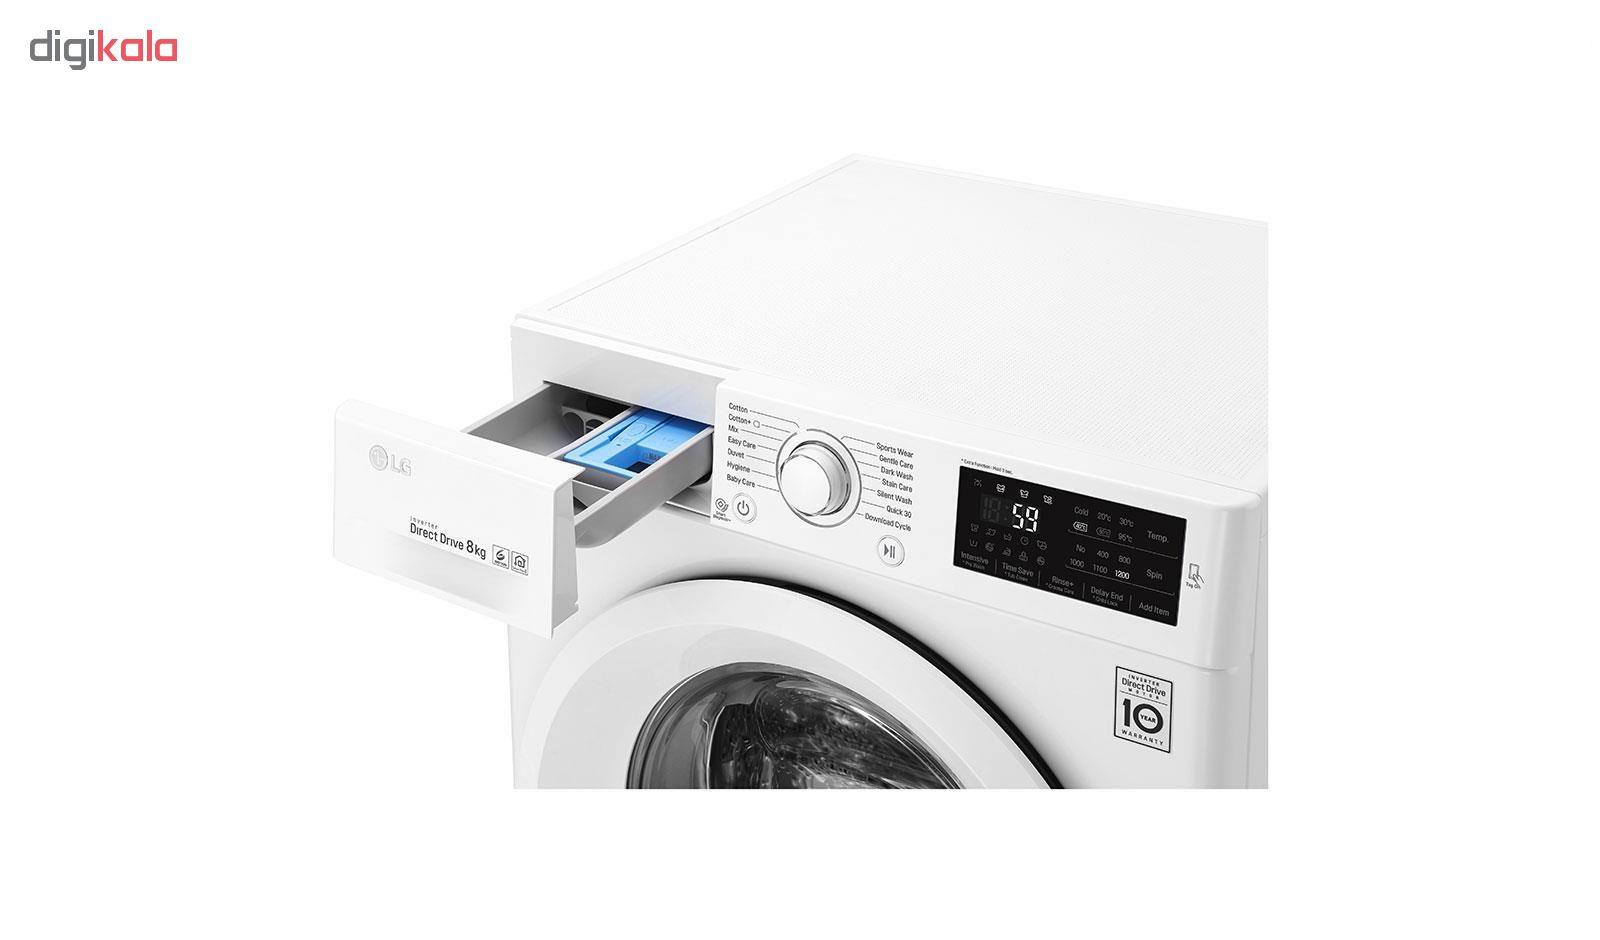 ماشین لباسشویی ال جی مدل WM-821NW ظرفیت 8 کیلوگرم main 1 6